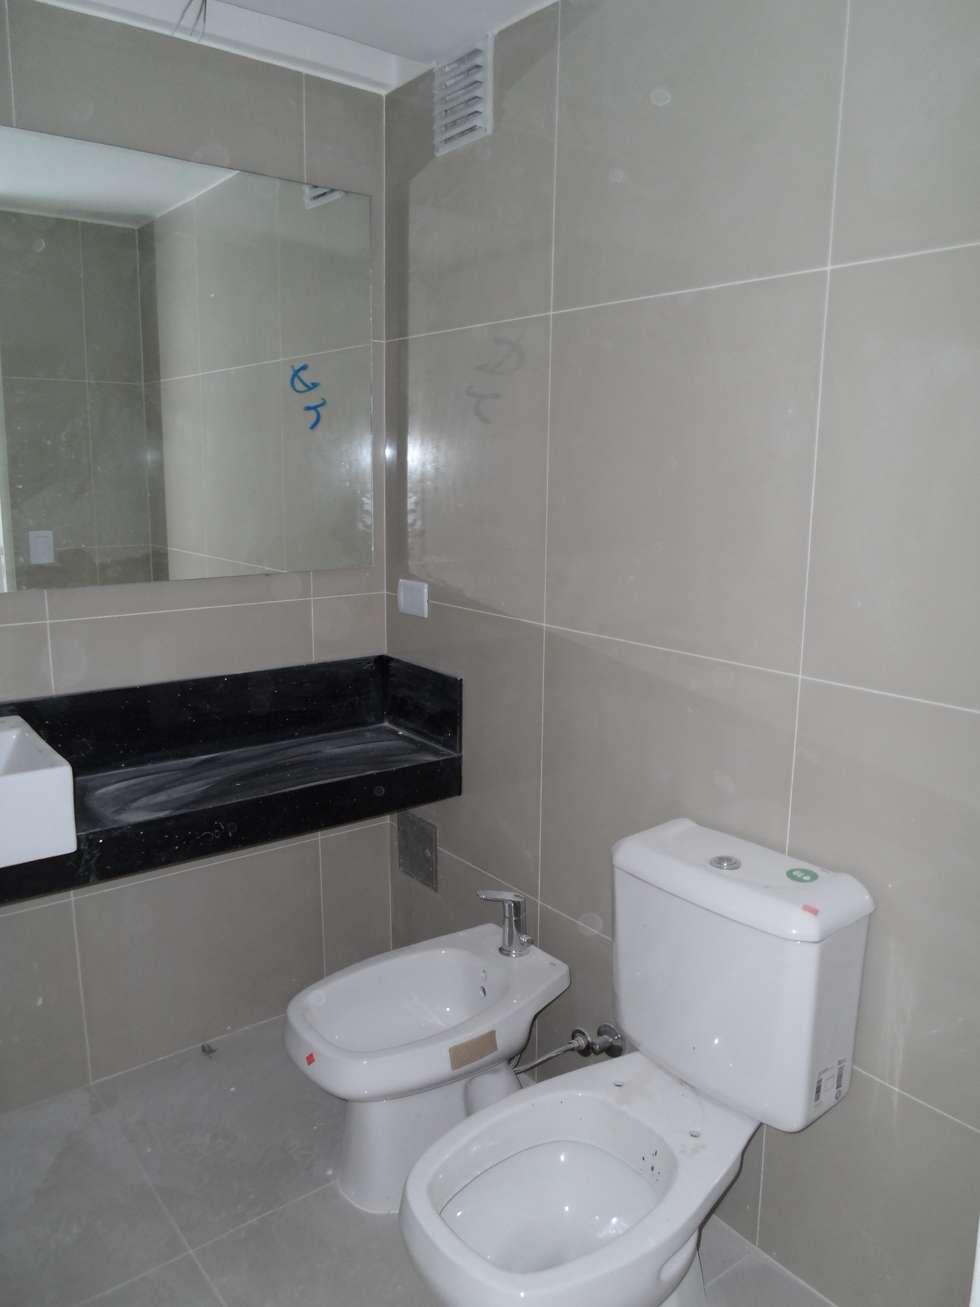 Baño del departamento: Baños de estilo moderno por NG Estudio